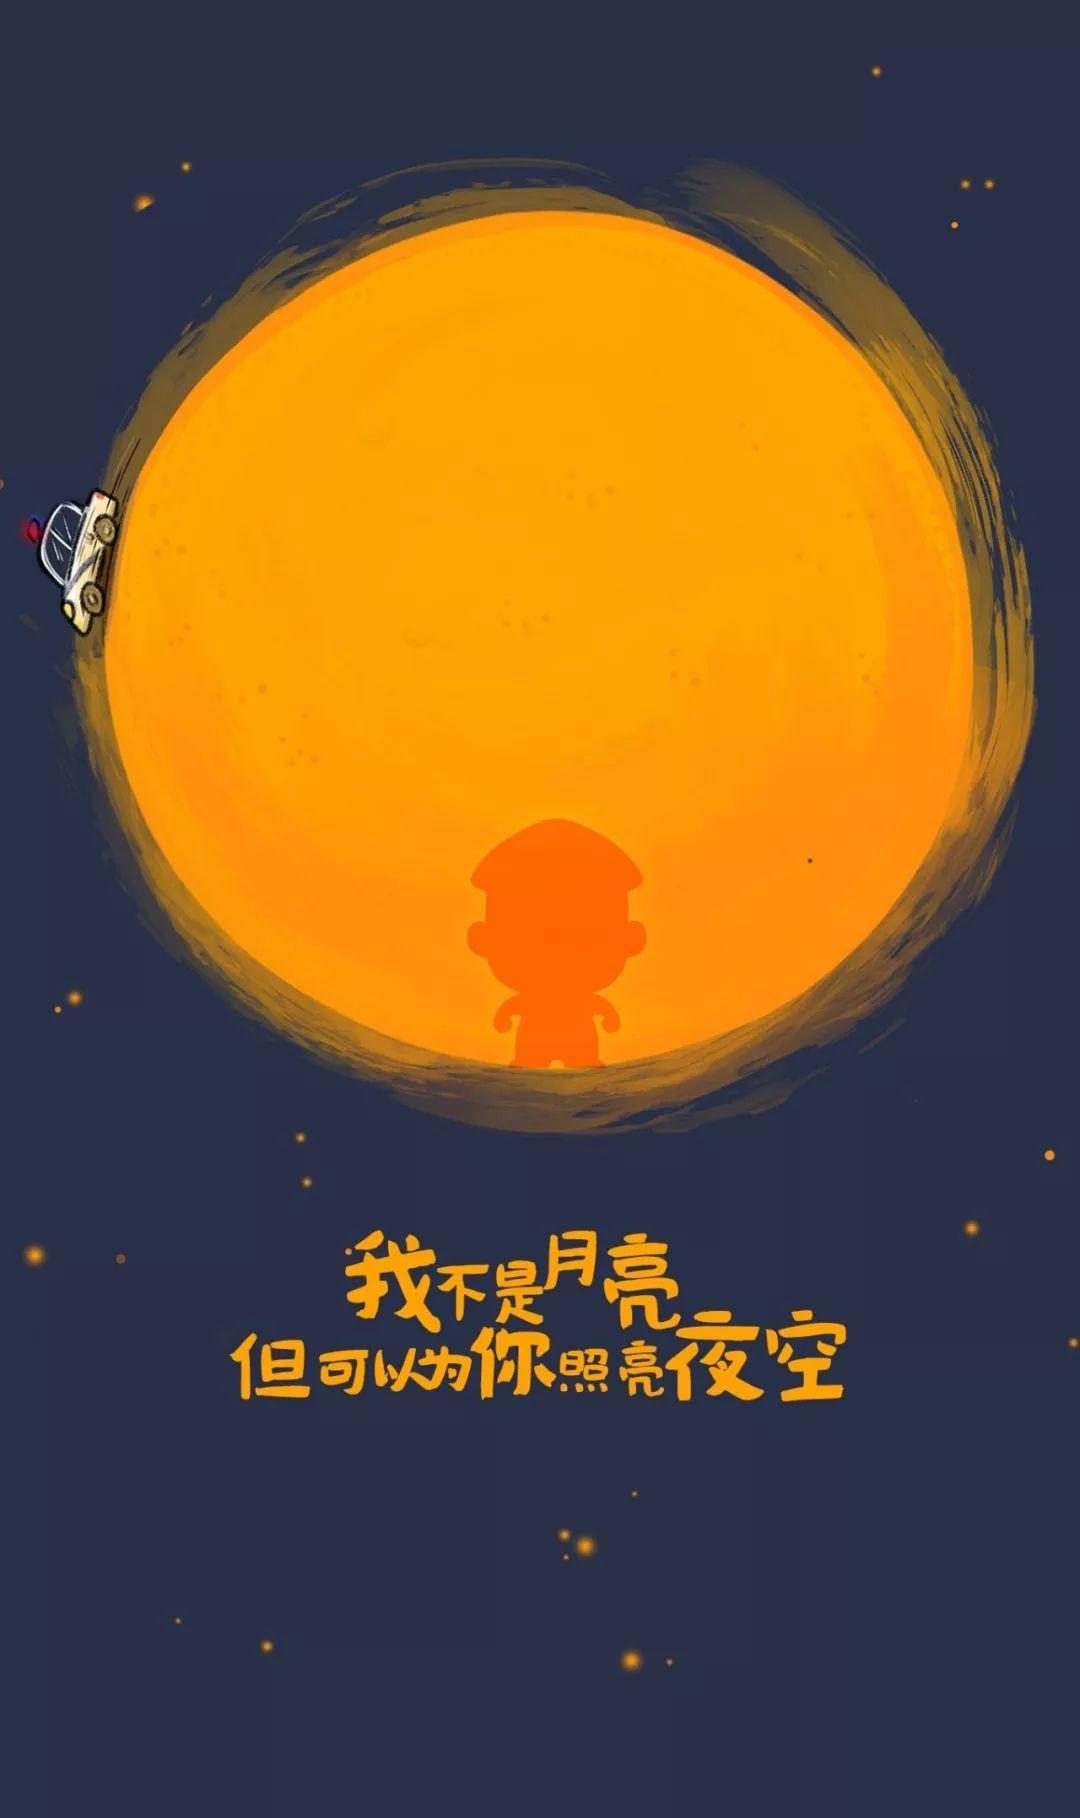 最新版警察中秋节壁纸 战友